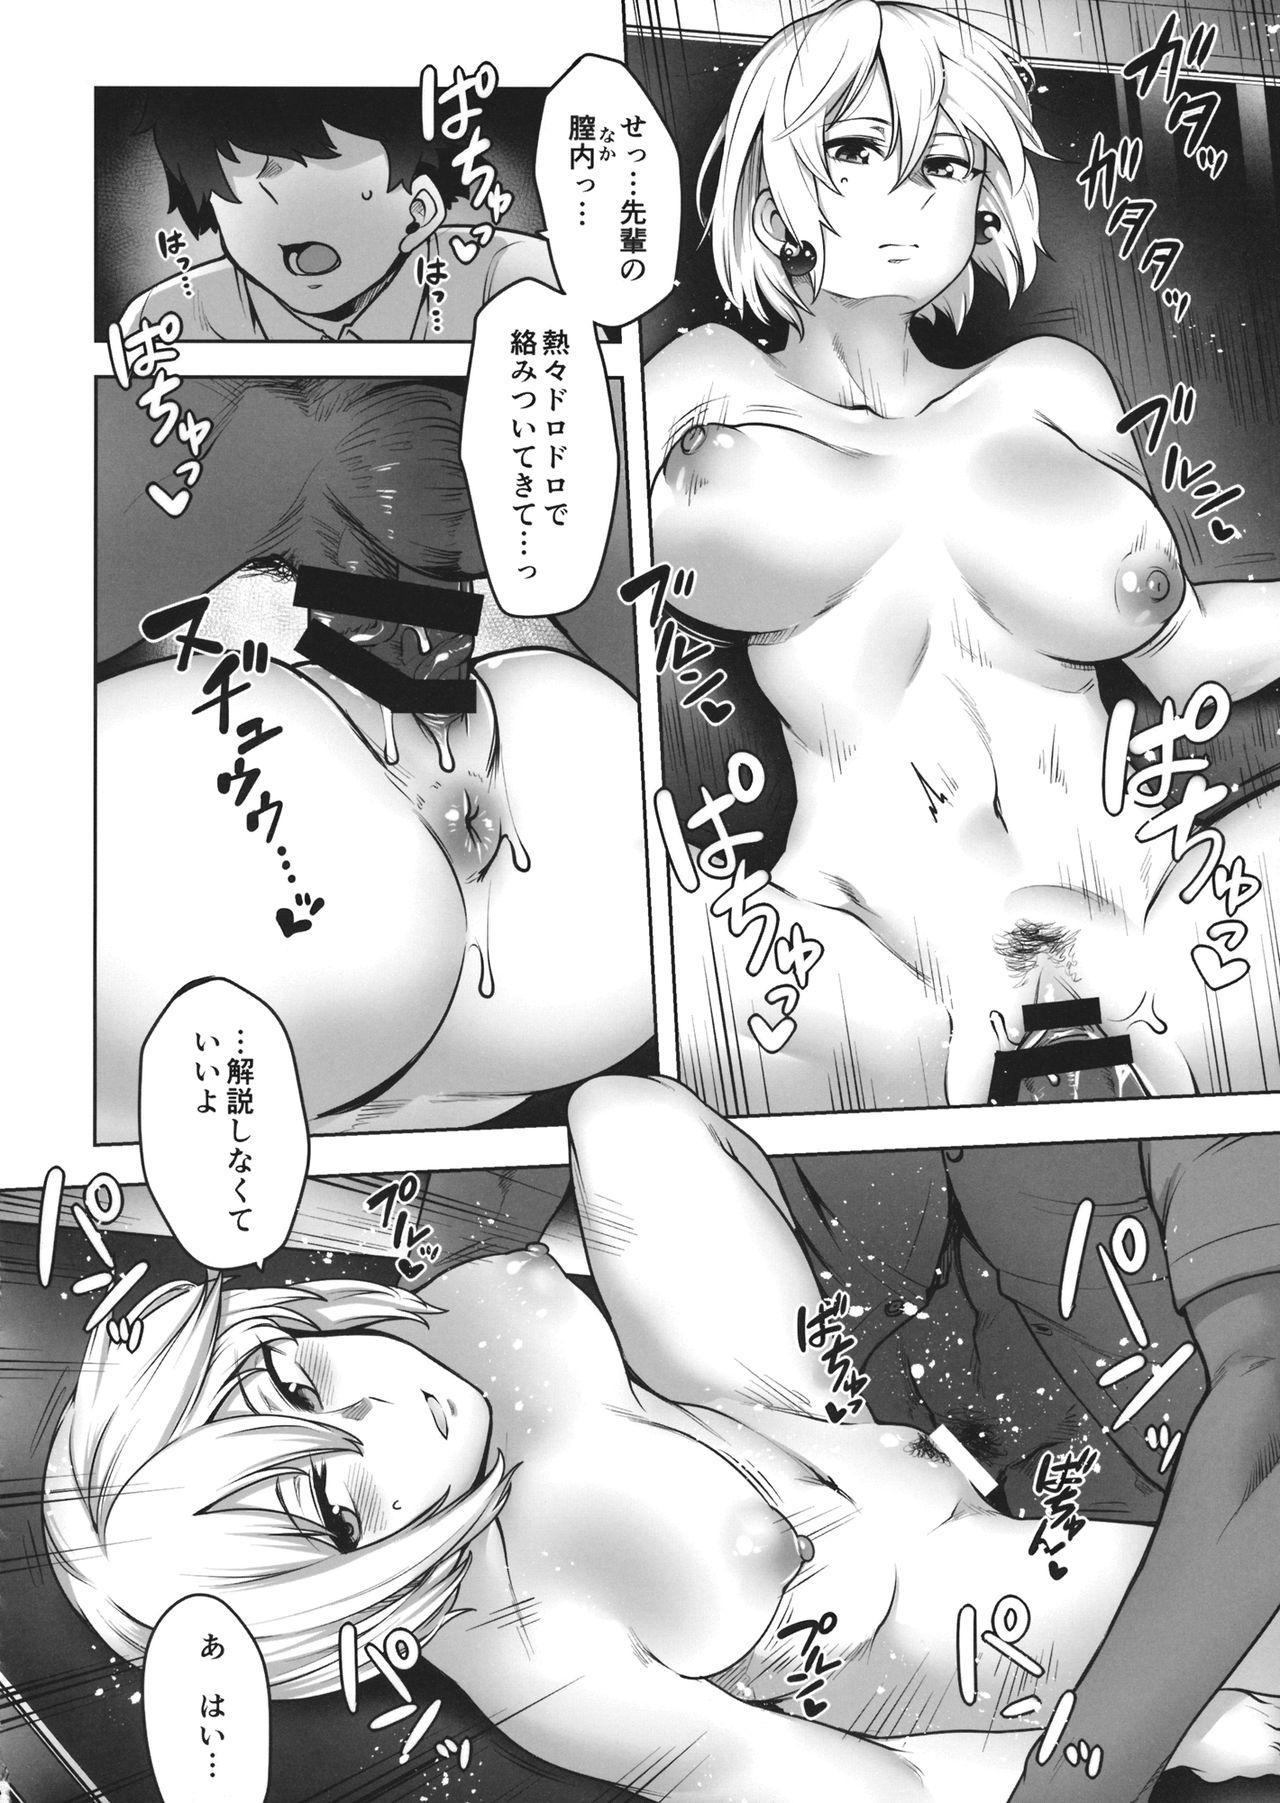 Ongaku Junbishitsu no Nijikawa Senpai 12